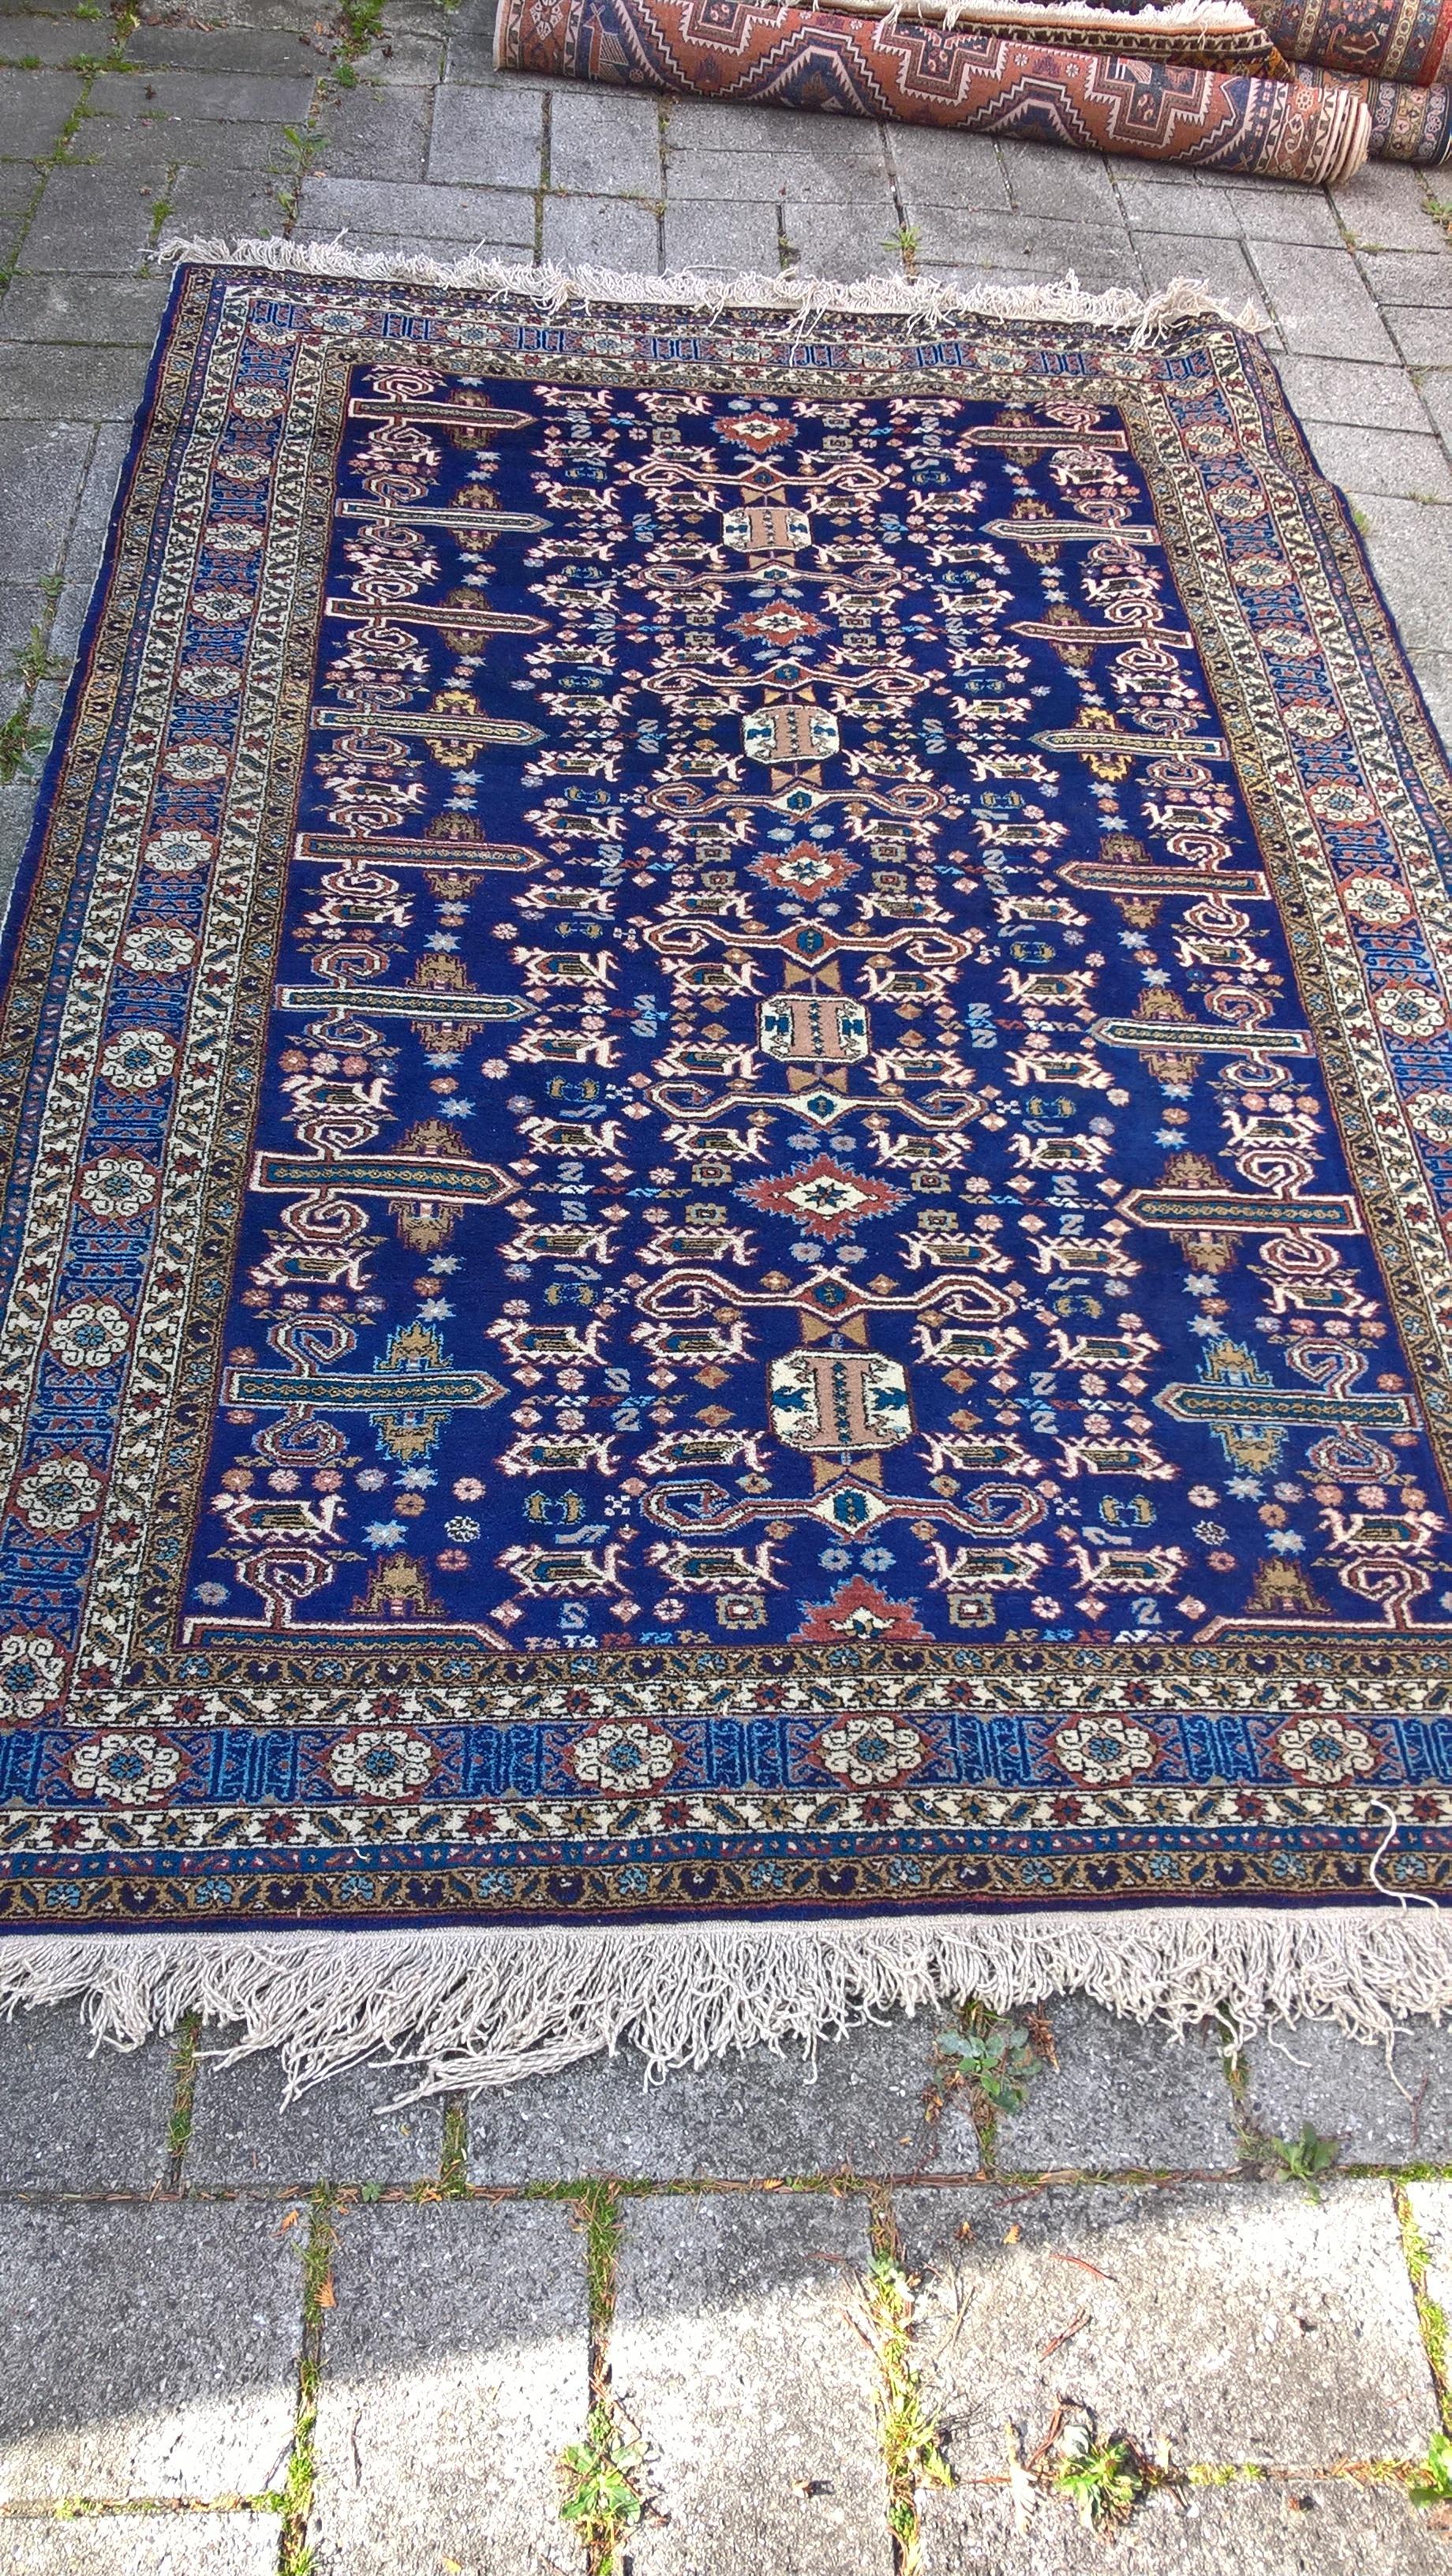 Ægte Persisk tæppe fra Ardebil Mål 181 x 267 cm Tæppe kr. 5.500,- Varenr. Rug16-3460-01-blue